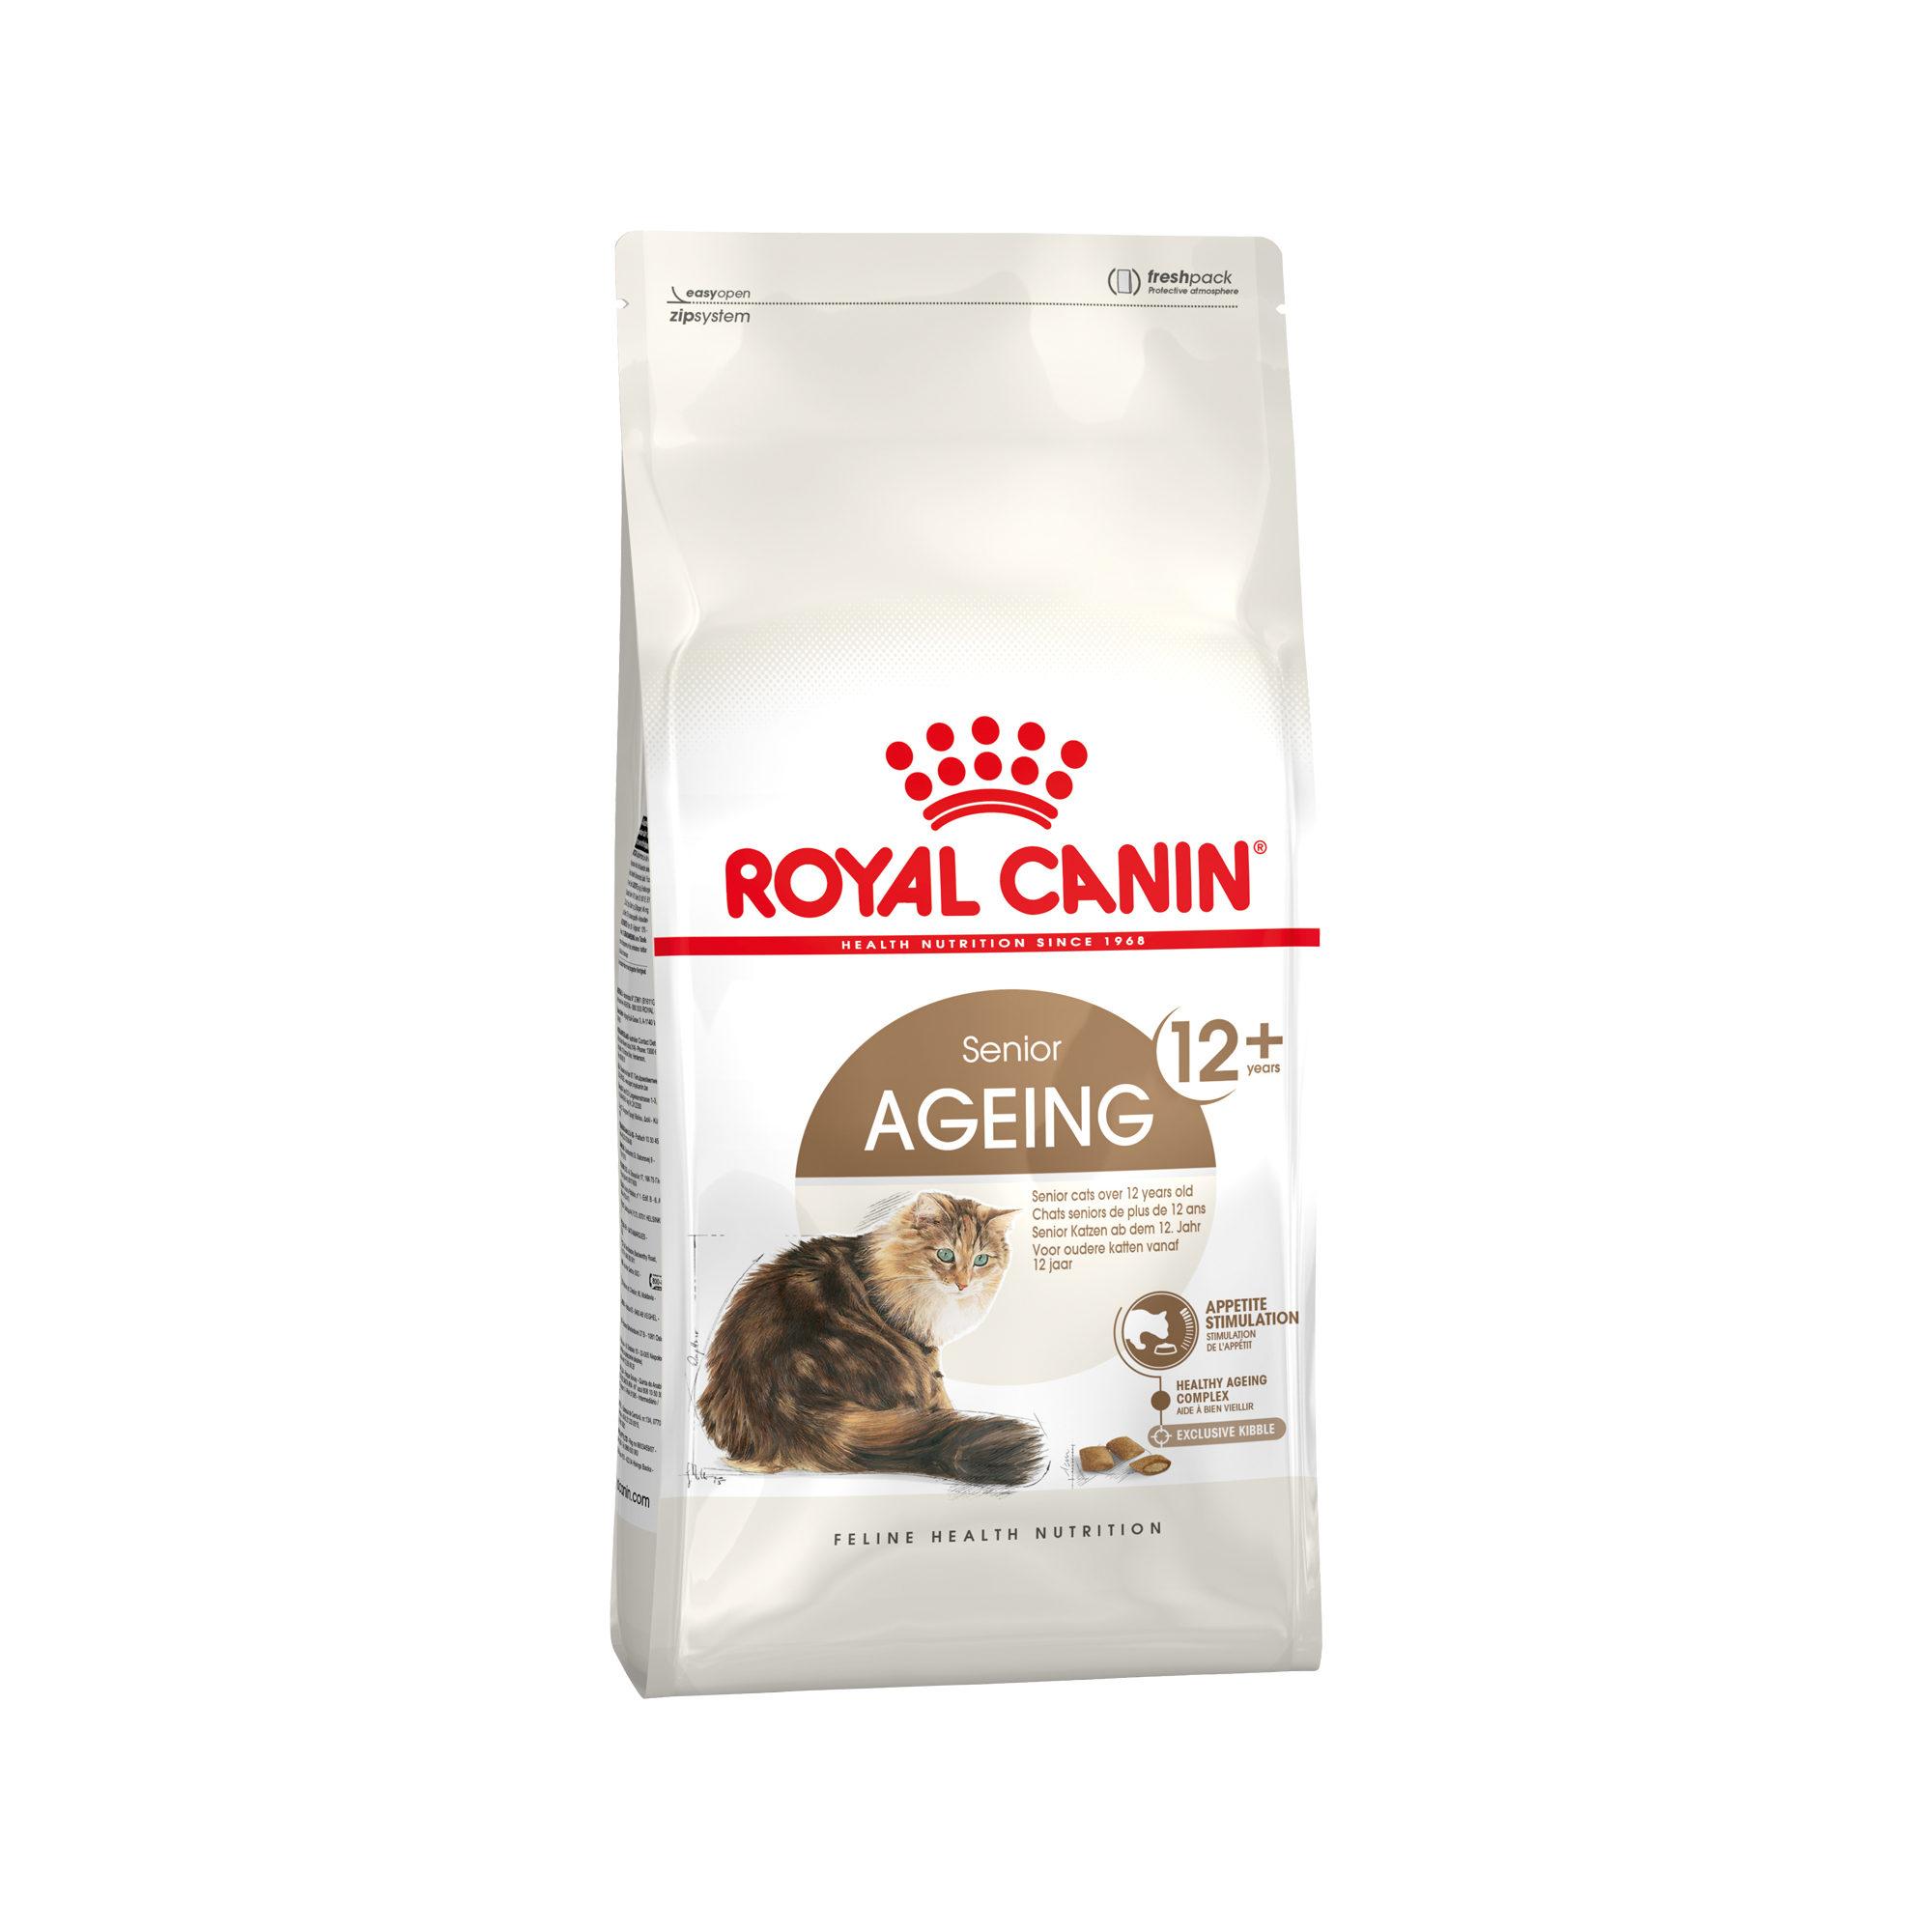 Royal Canin Ageing 12+ Katzenfutter